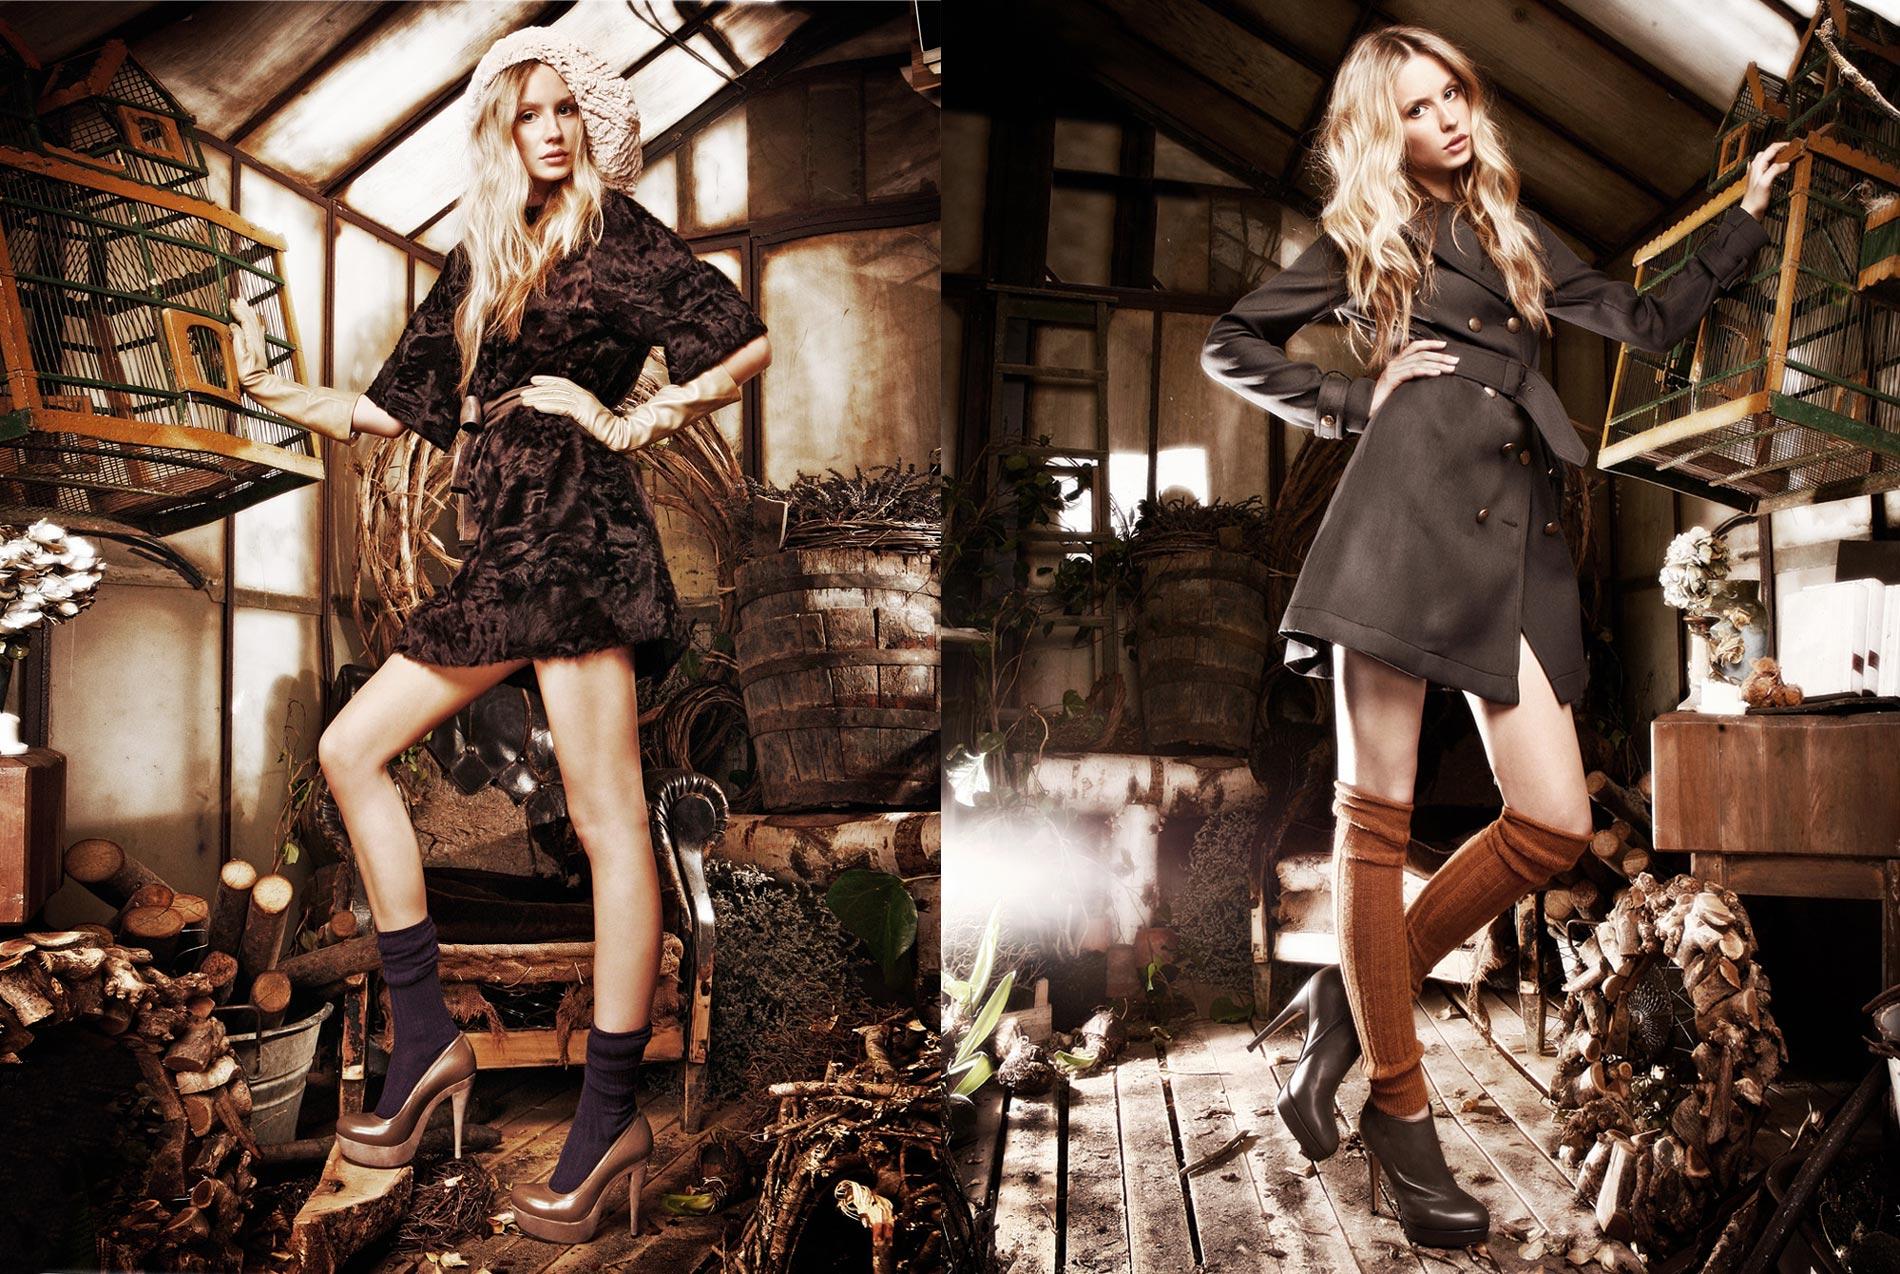 Campagna pubblicitaria calzature donna Fall Winter - Fotografo Filippo Marconi Concept LABO24 - Set designer FLO' - Modella agenzia FASHION (Milano) Hair-makeup Karin Borromeo Stylist Ilaria Chionna